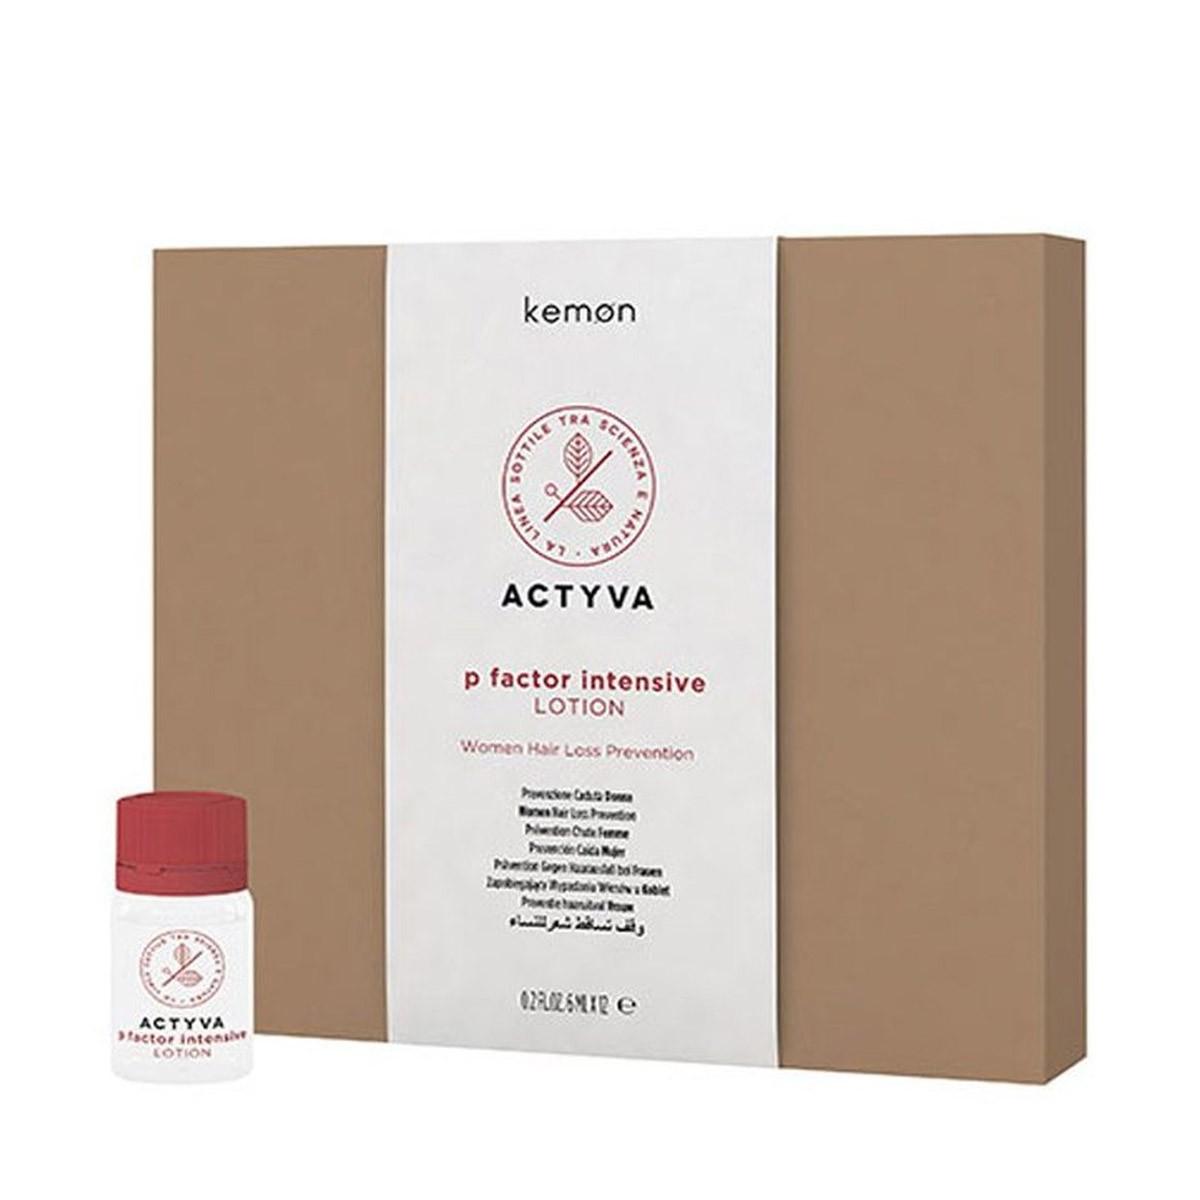 KEMON Actyva p Factor Intensive Lotion Women Hair Loss Prevention 12x6ml - Intensywny lotion przeciw wypadaniu włosów dla kobiet